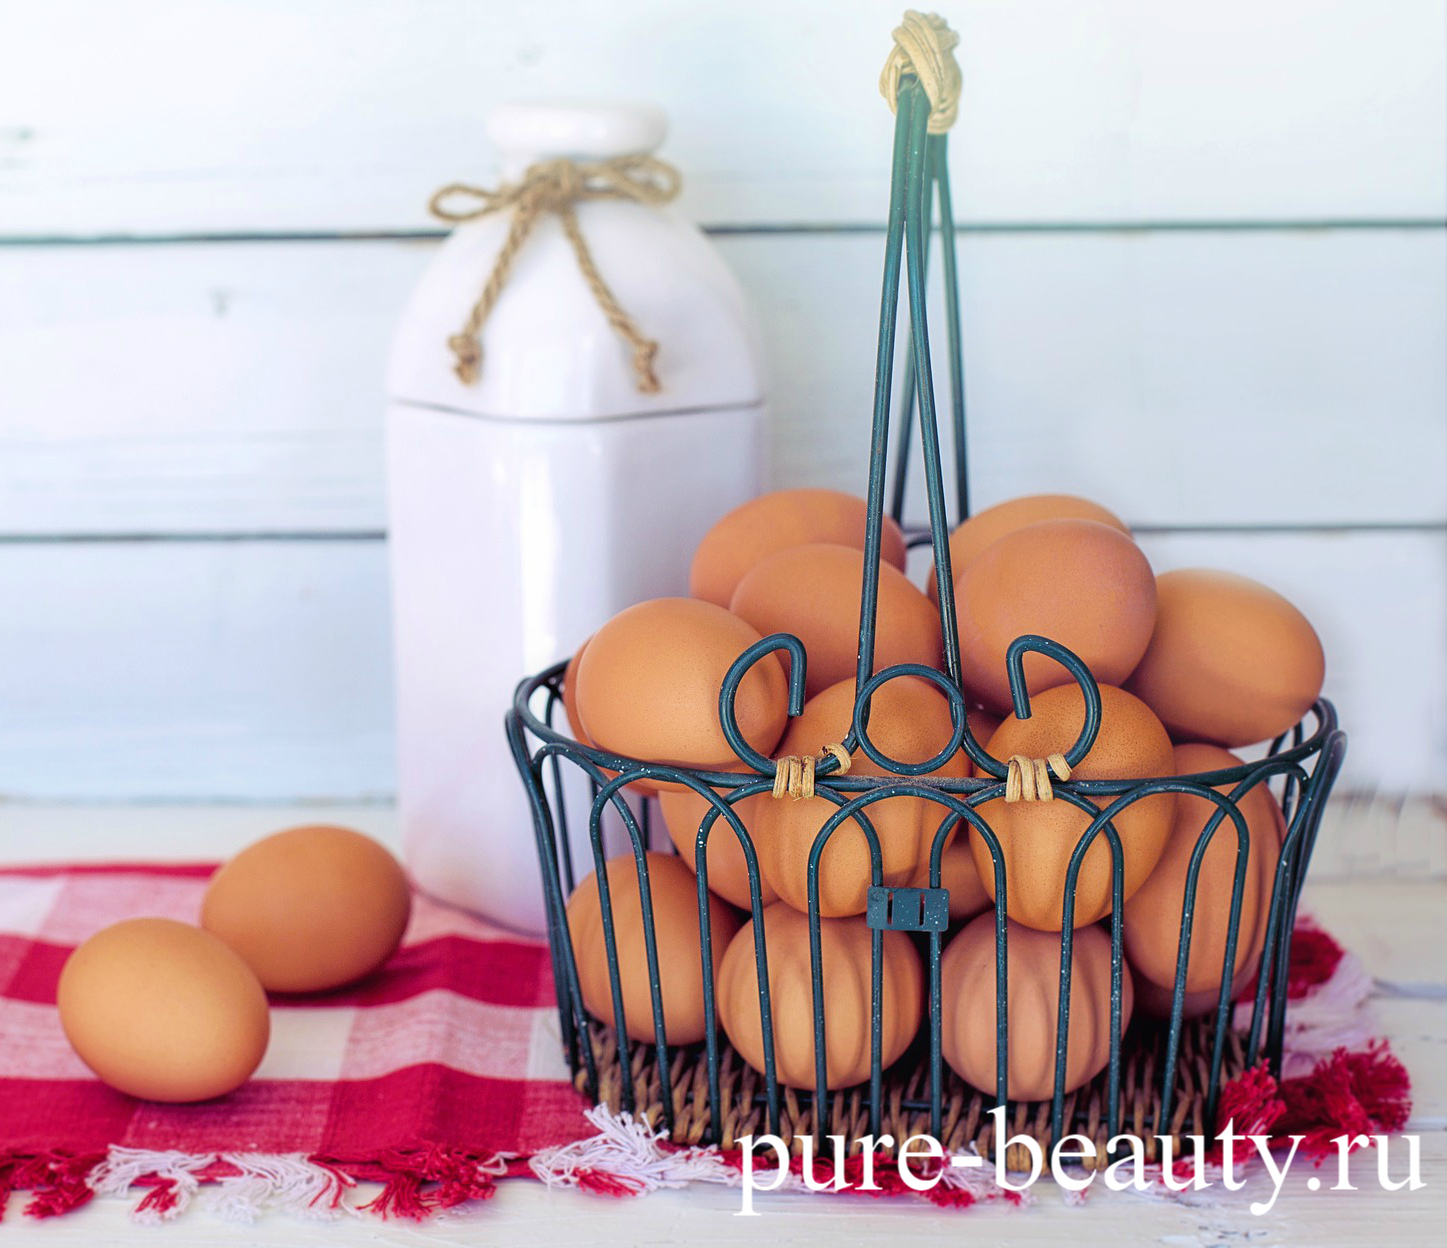 Рецепты масок для волос из горчицы и чем они полезны